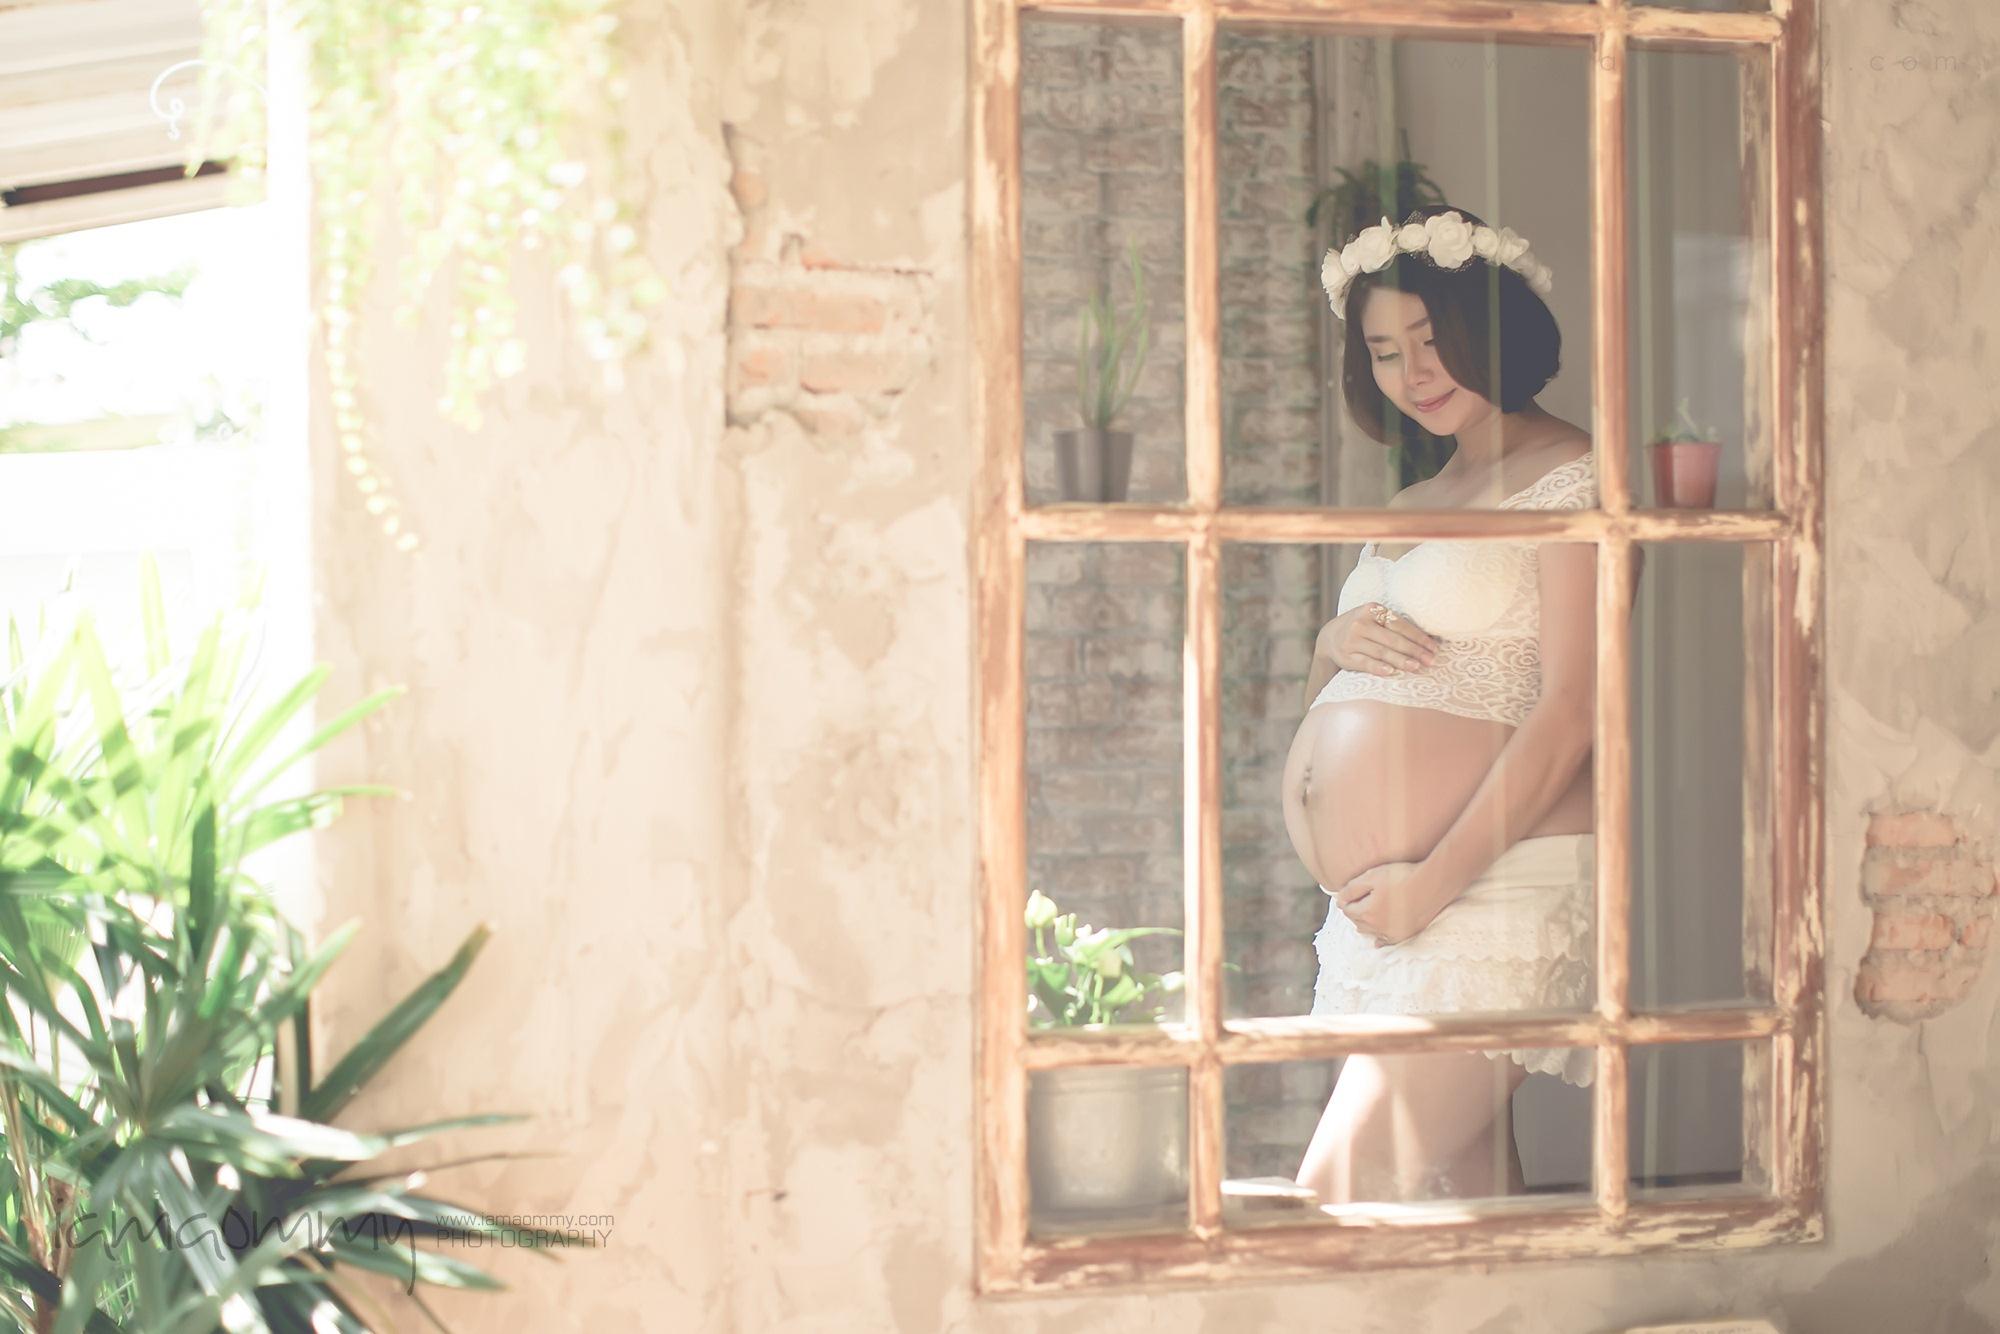 ถ่ายรูปคุณแม่ตั้งครรภ์_IMG_6574